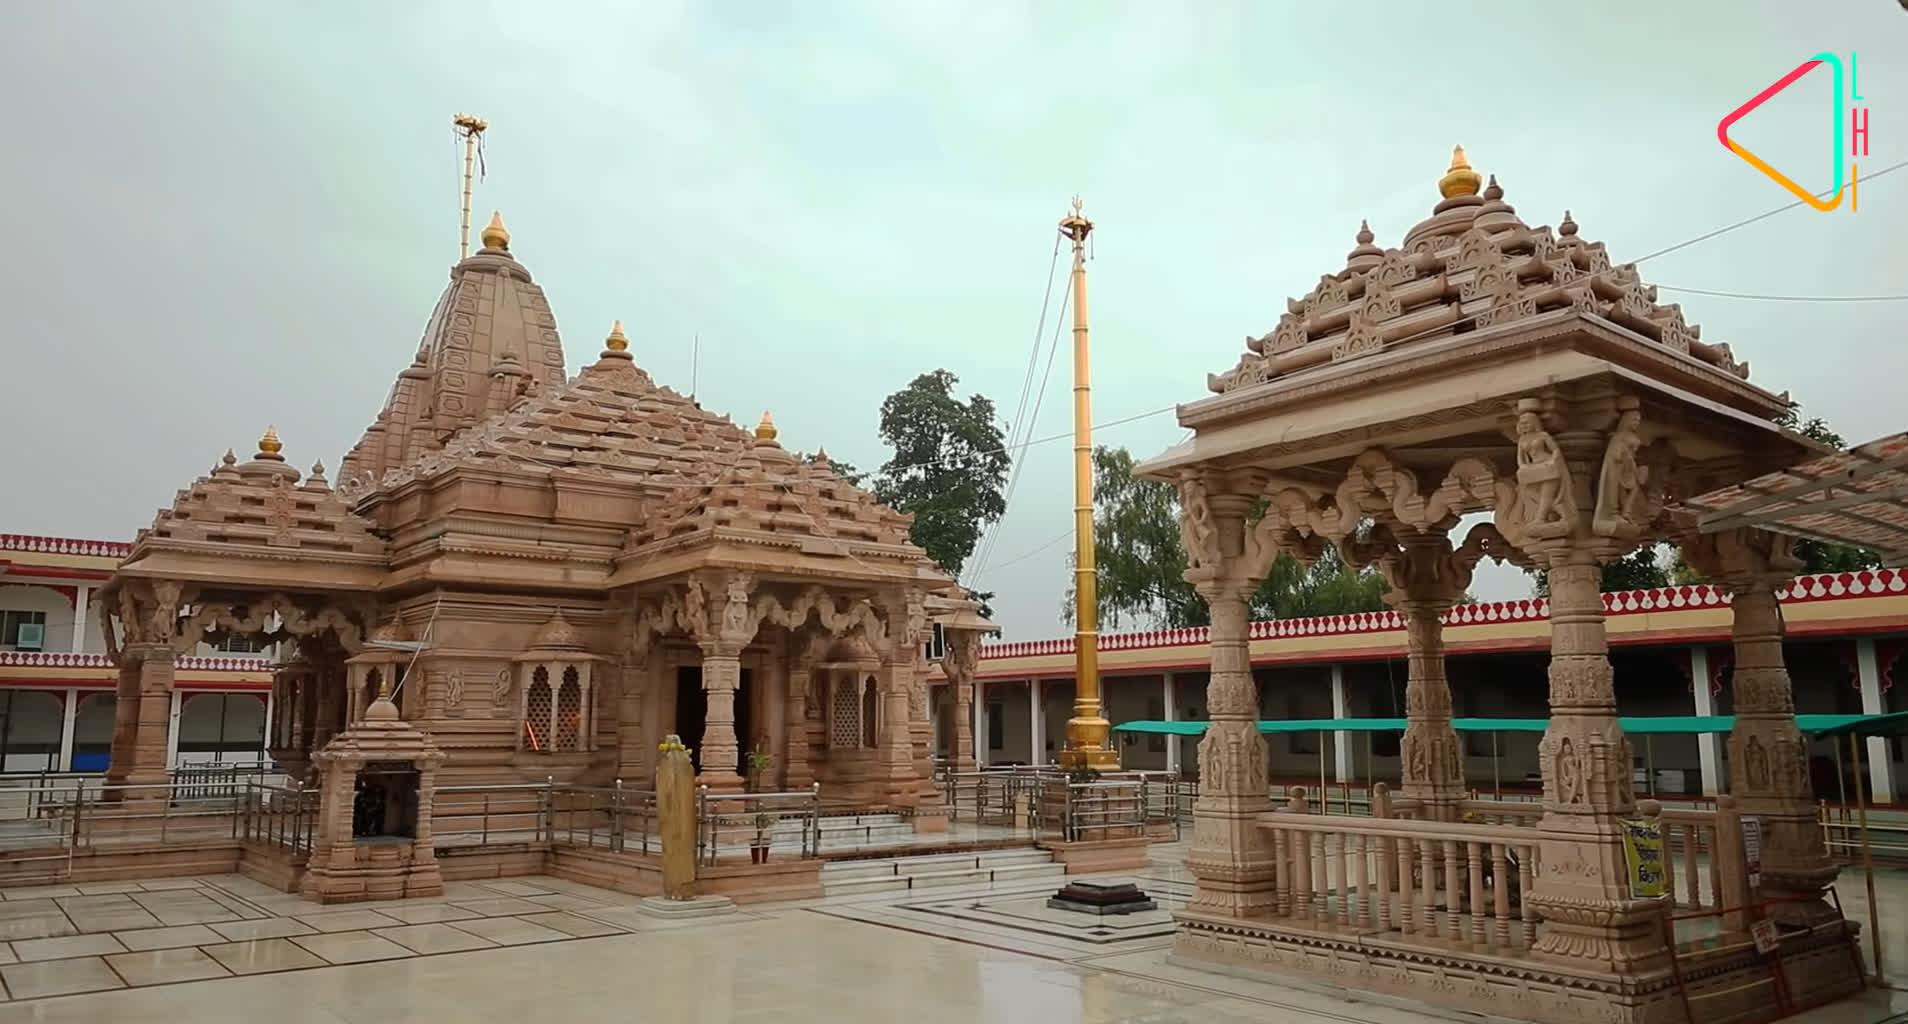 त्रिपुरा सुंदरी मंदिर: बांसवाड़ा में आस्था का केंद्र